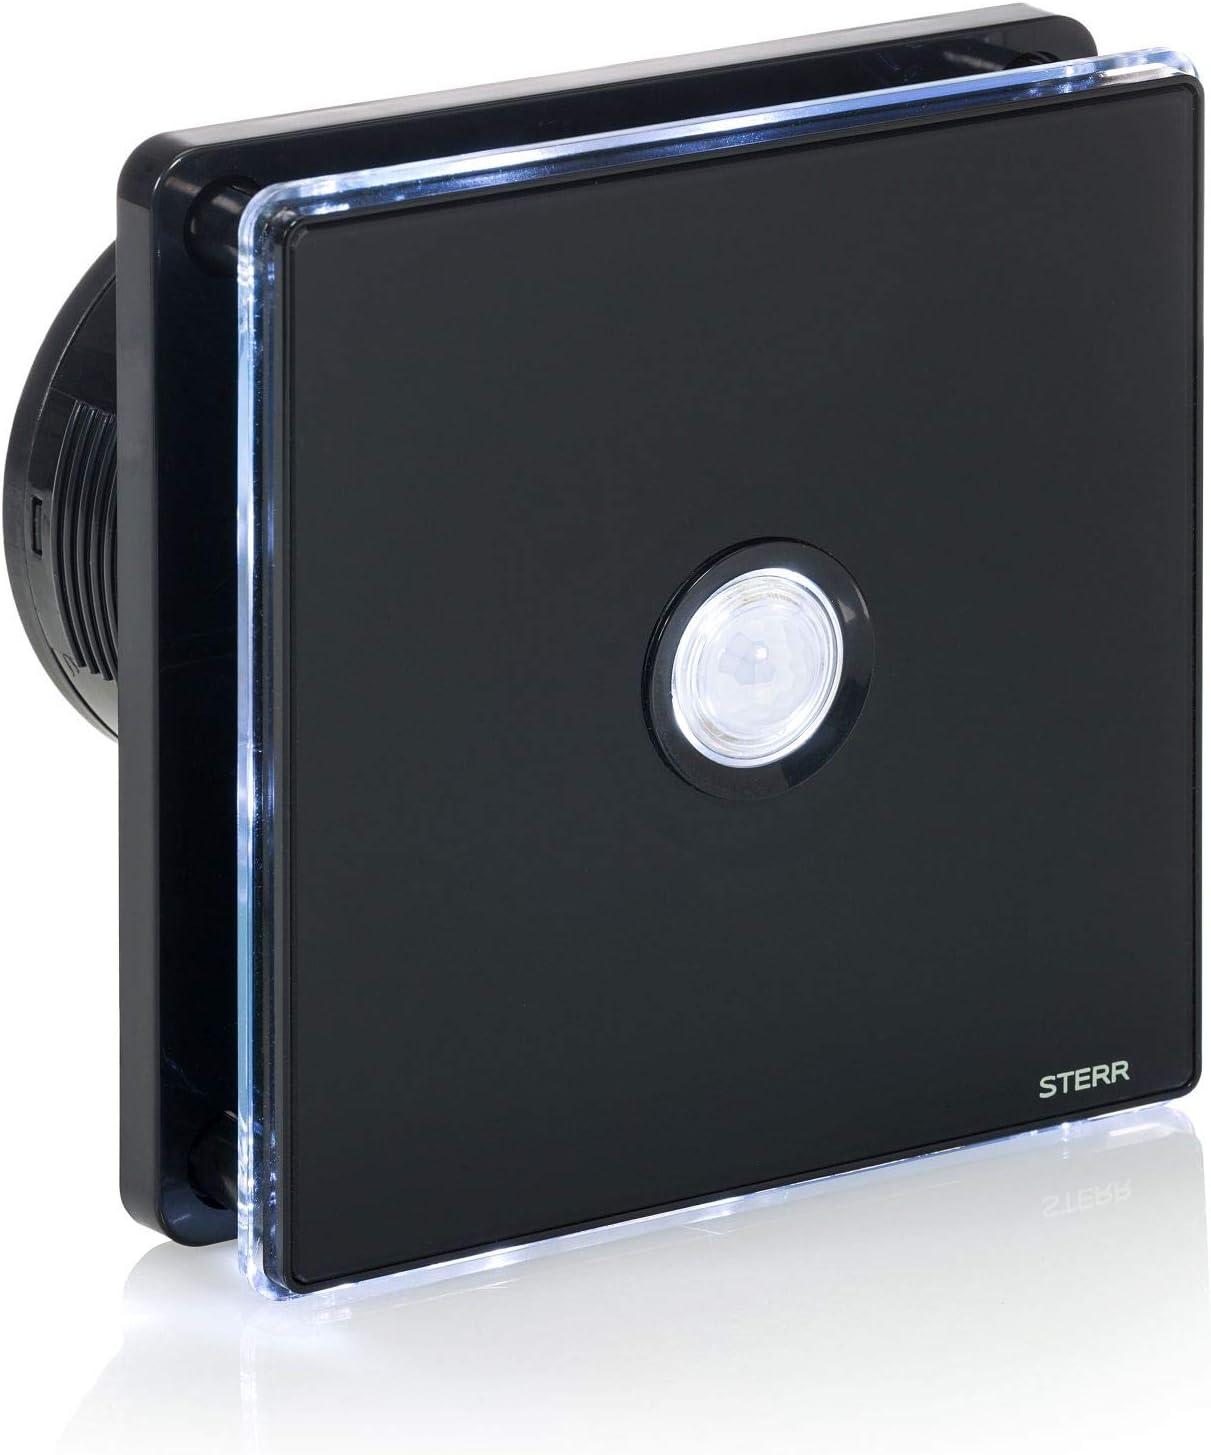 STERR - Negro extractor de baño con retroiluminación LED + PIR – BFS100LP-B